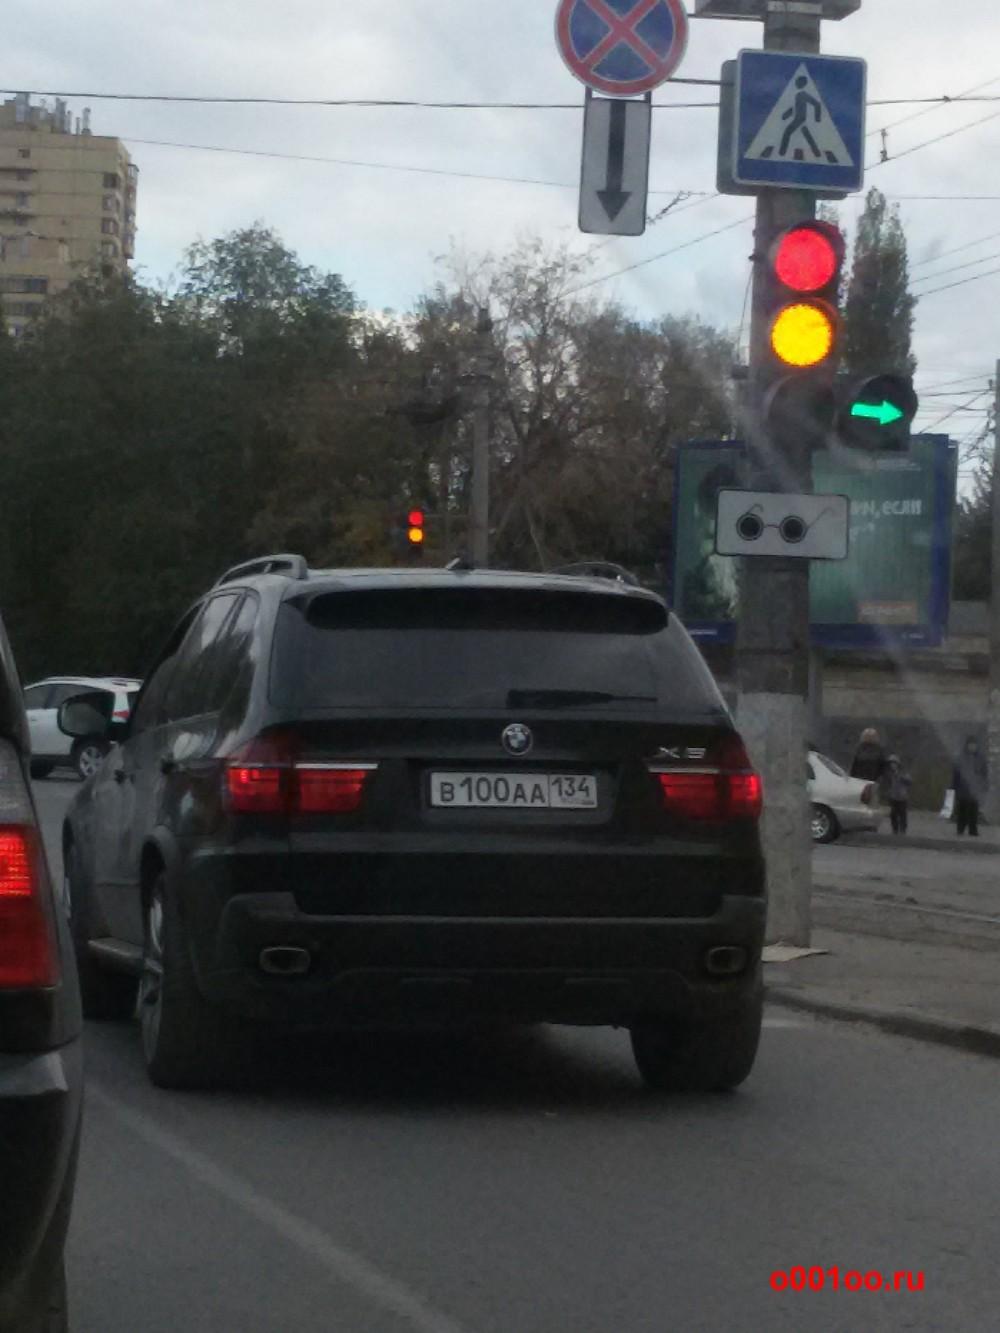 В100аа134